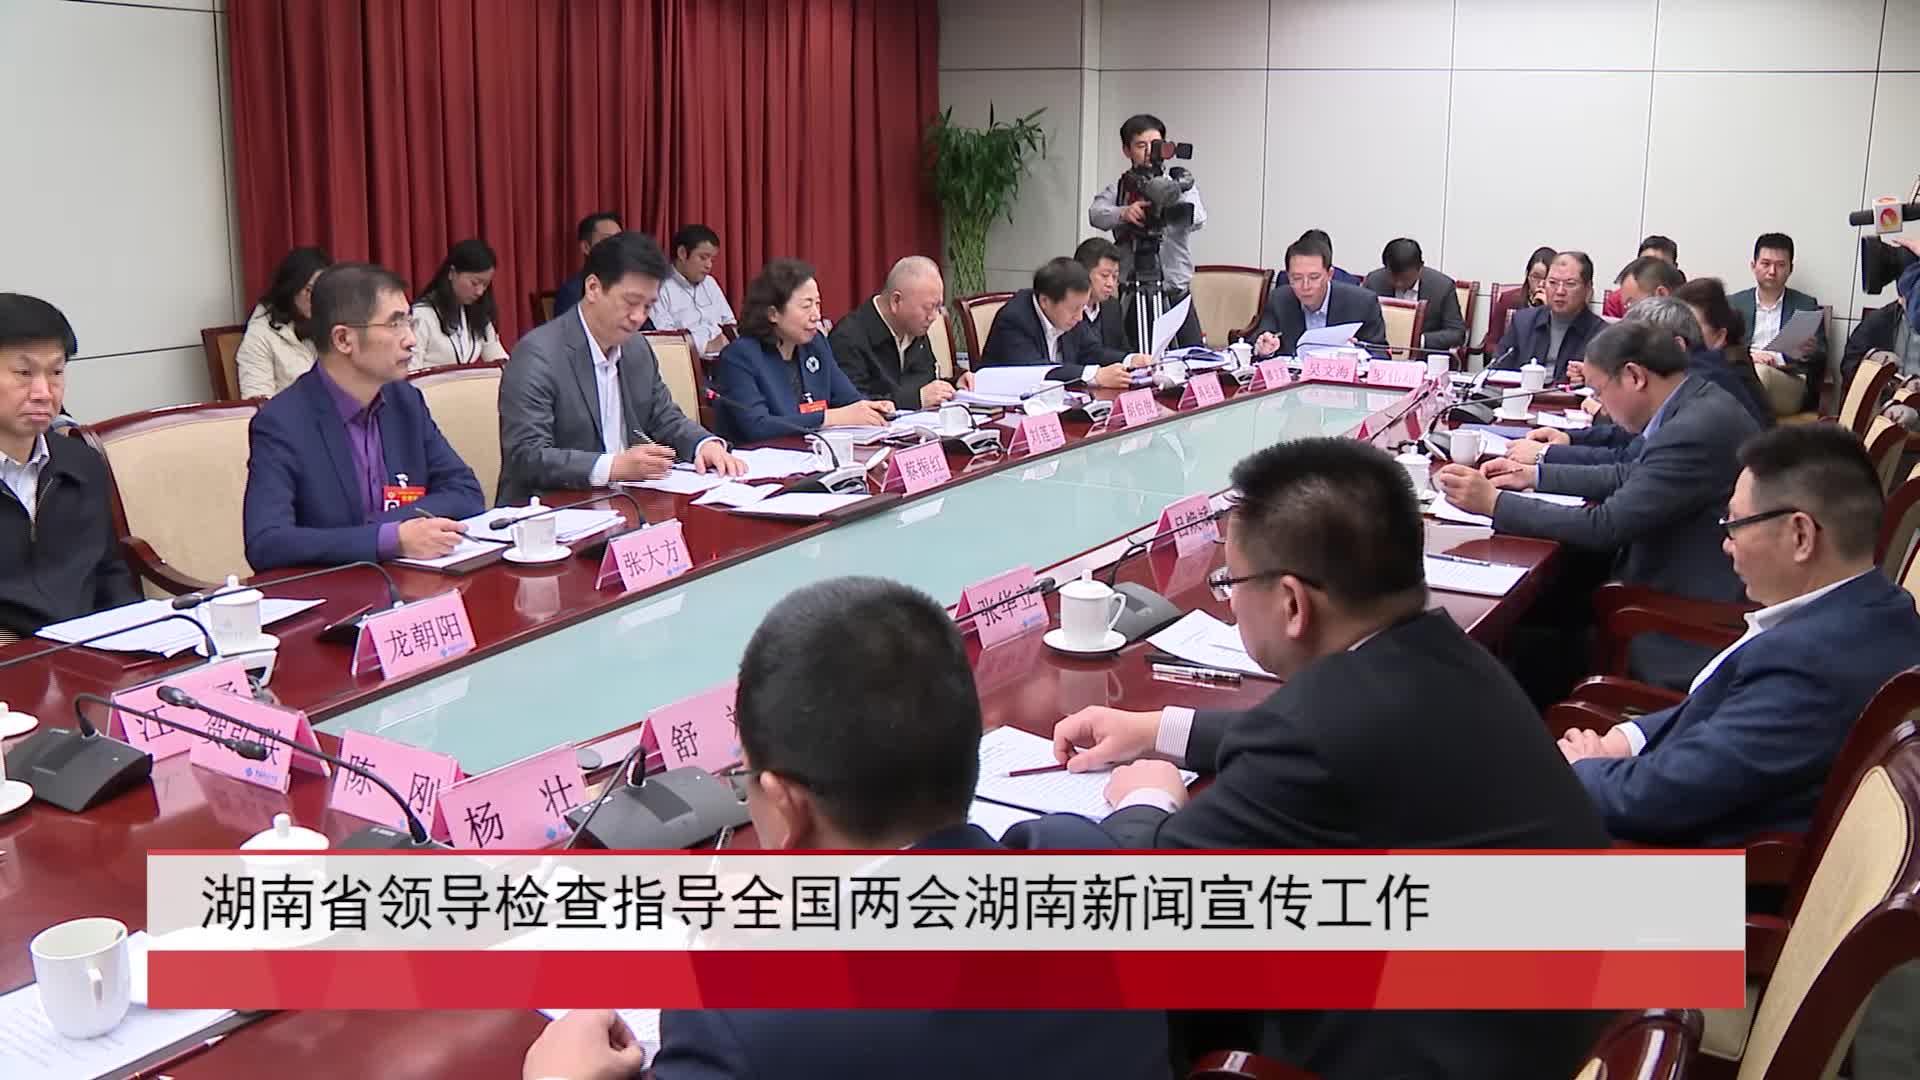 湖南省领导检查指导全国两会湖南新闻宣传工作